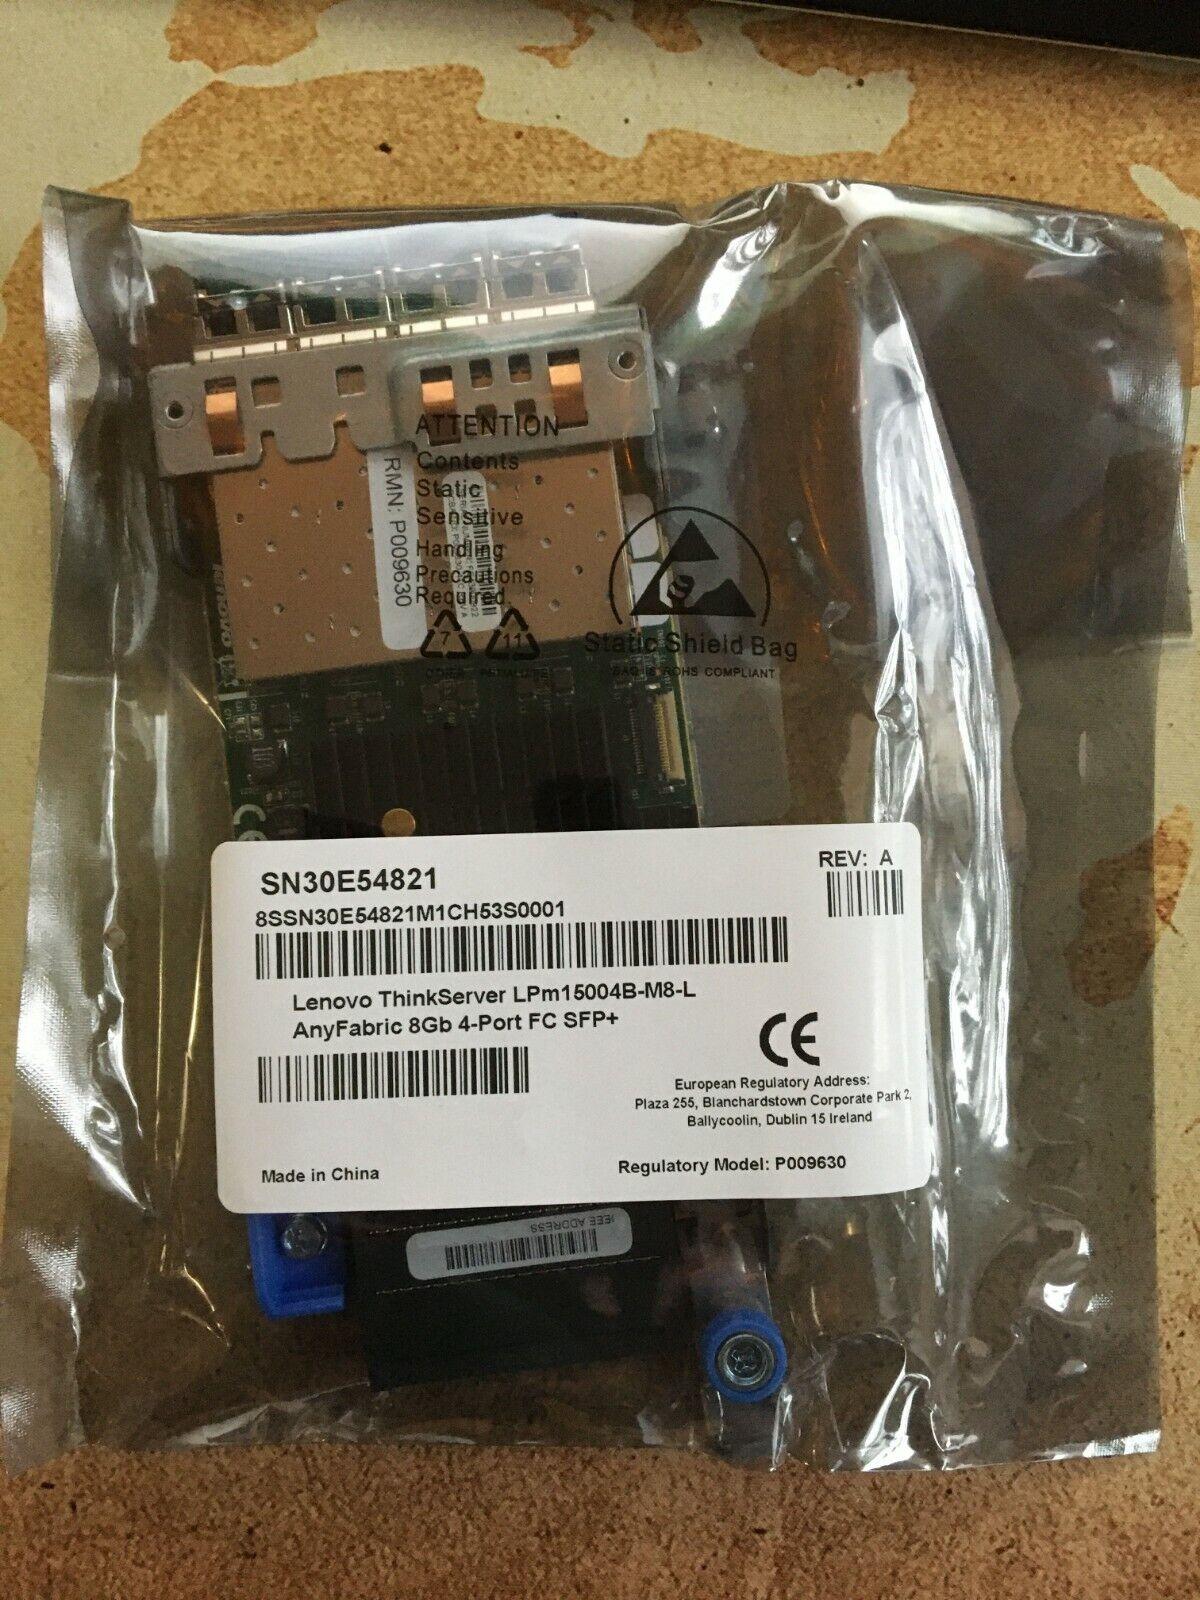 NEW: Lenovo SN30E54821/LPm15004B